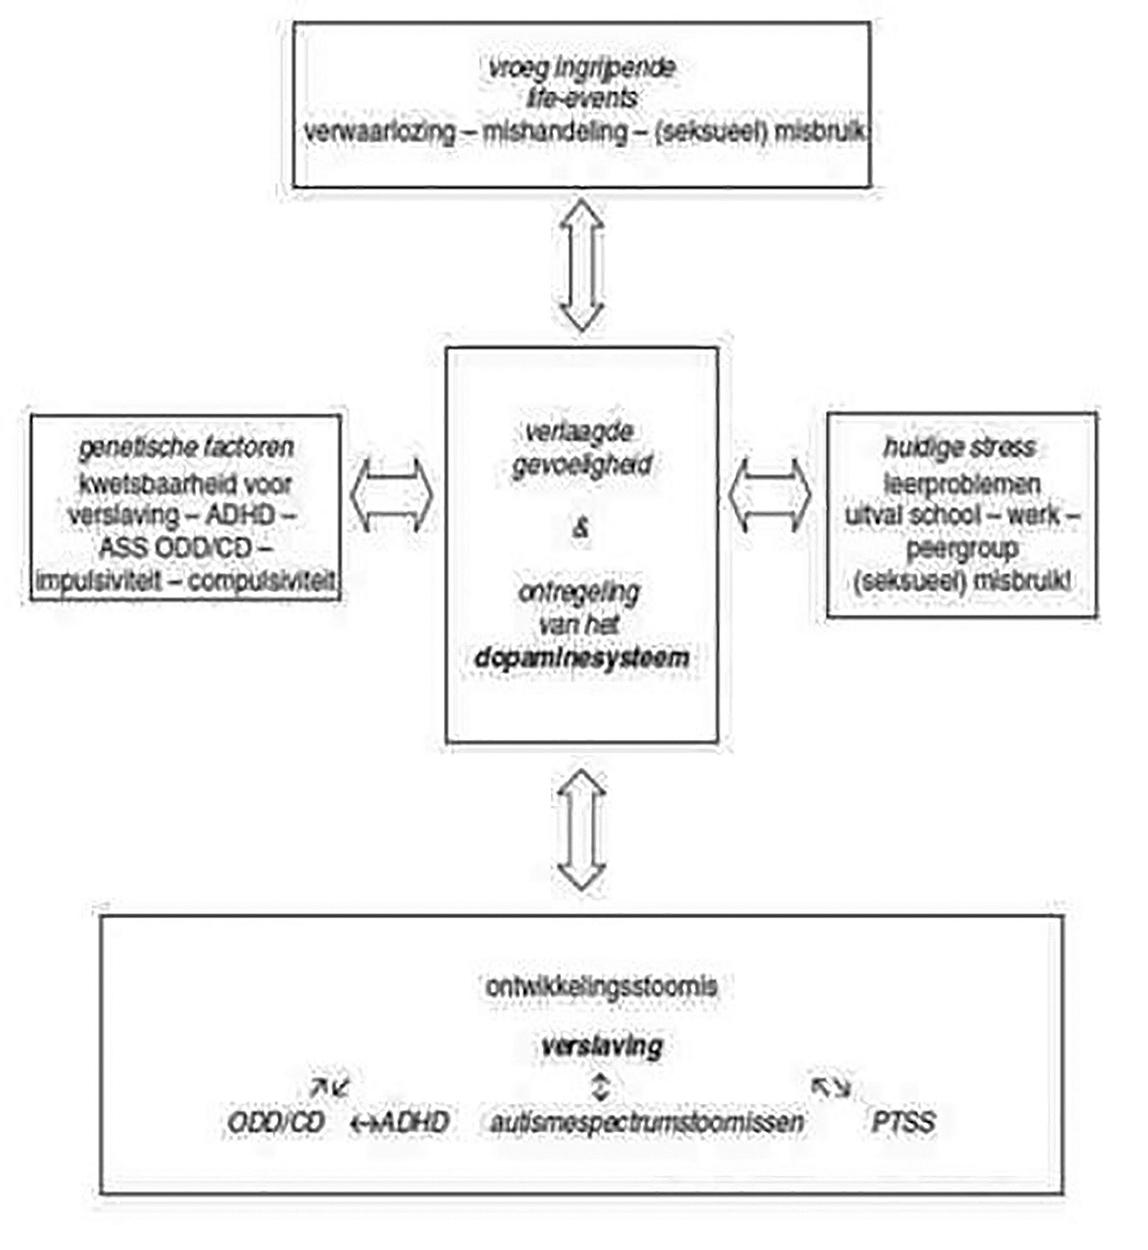 gen-omgeving-interactie